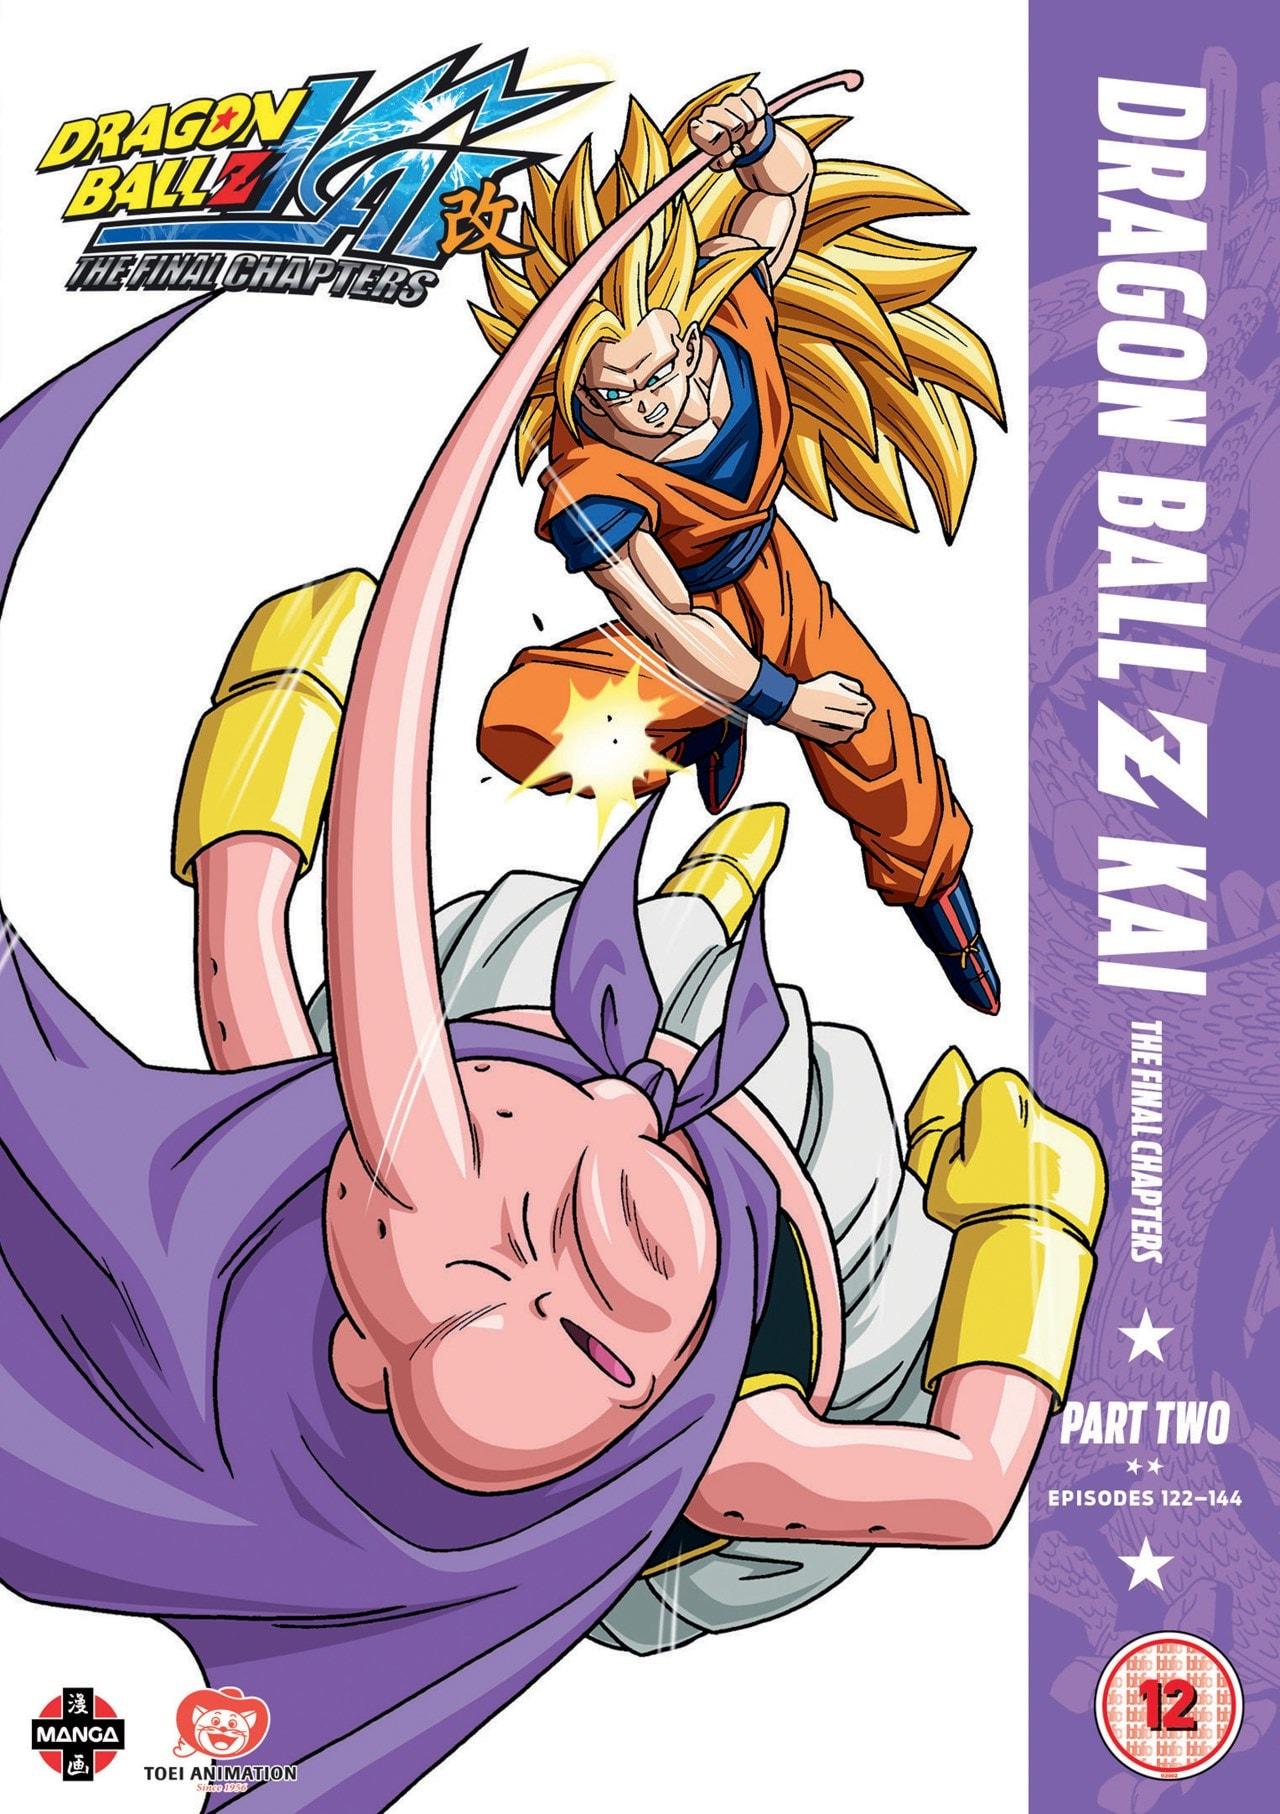 Dragon Ball Z KAI: Final Chapters - Part 2 - 1